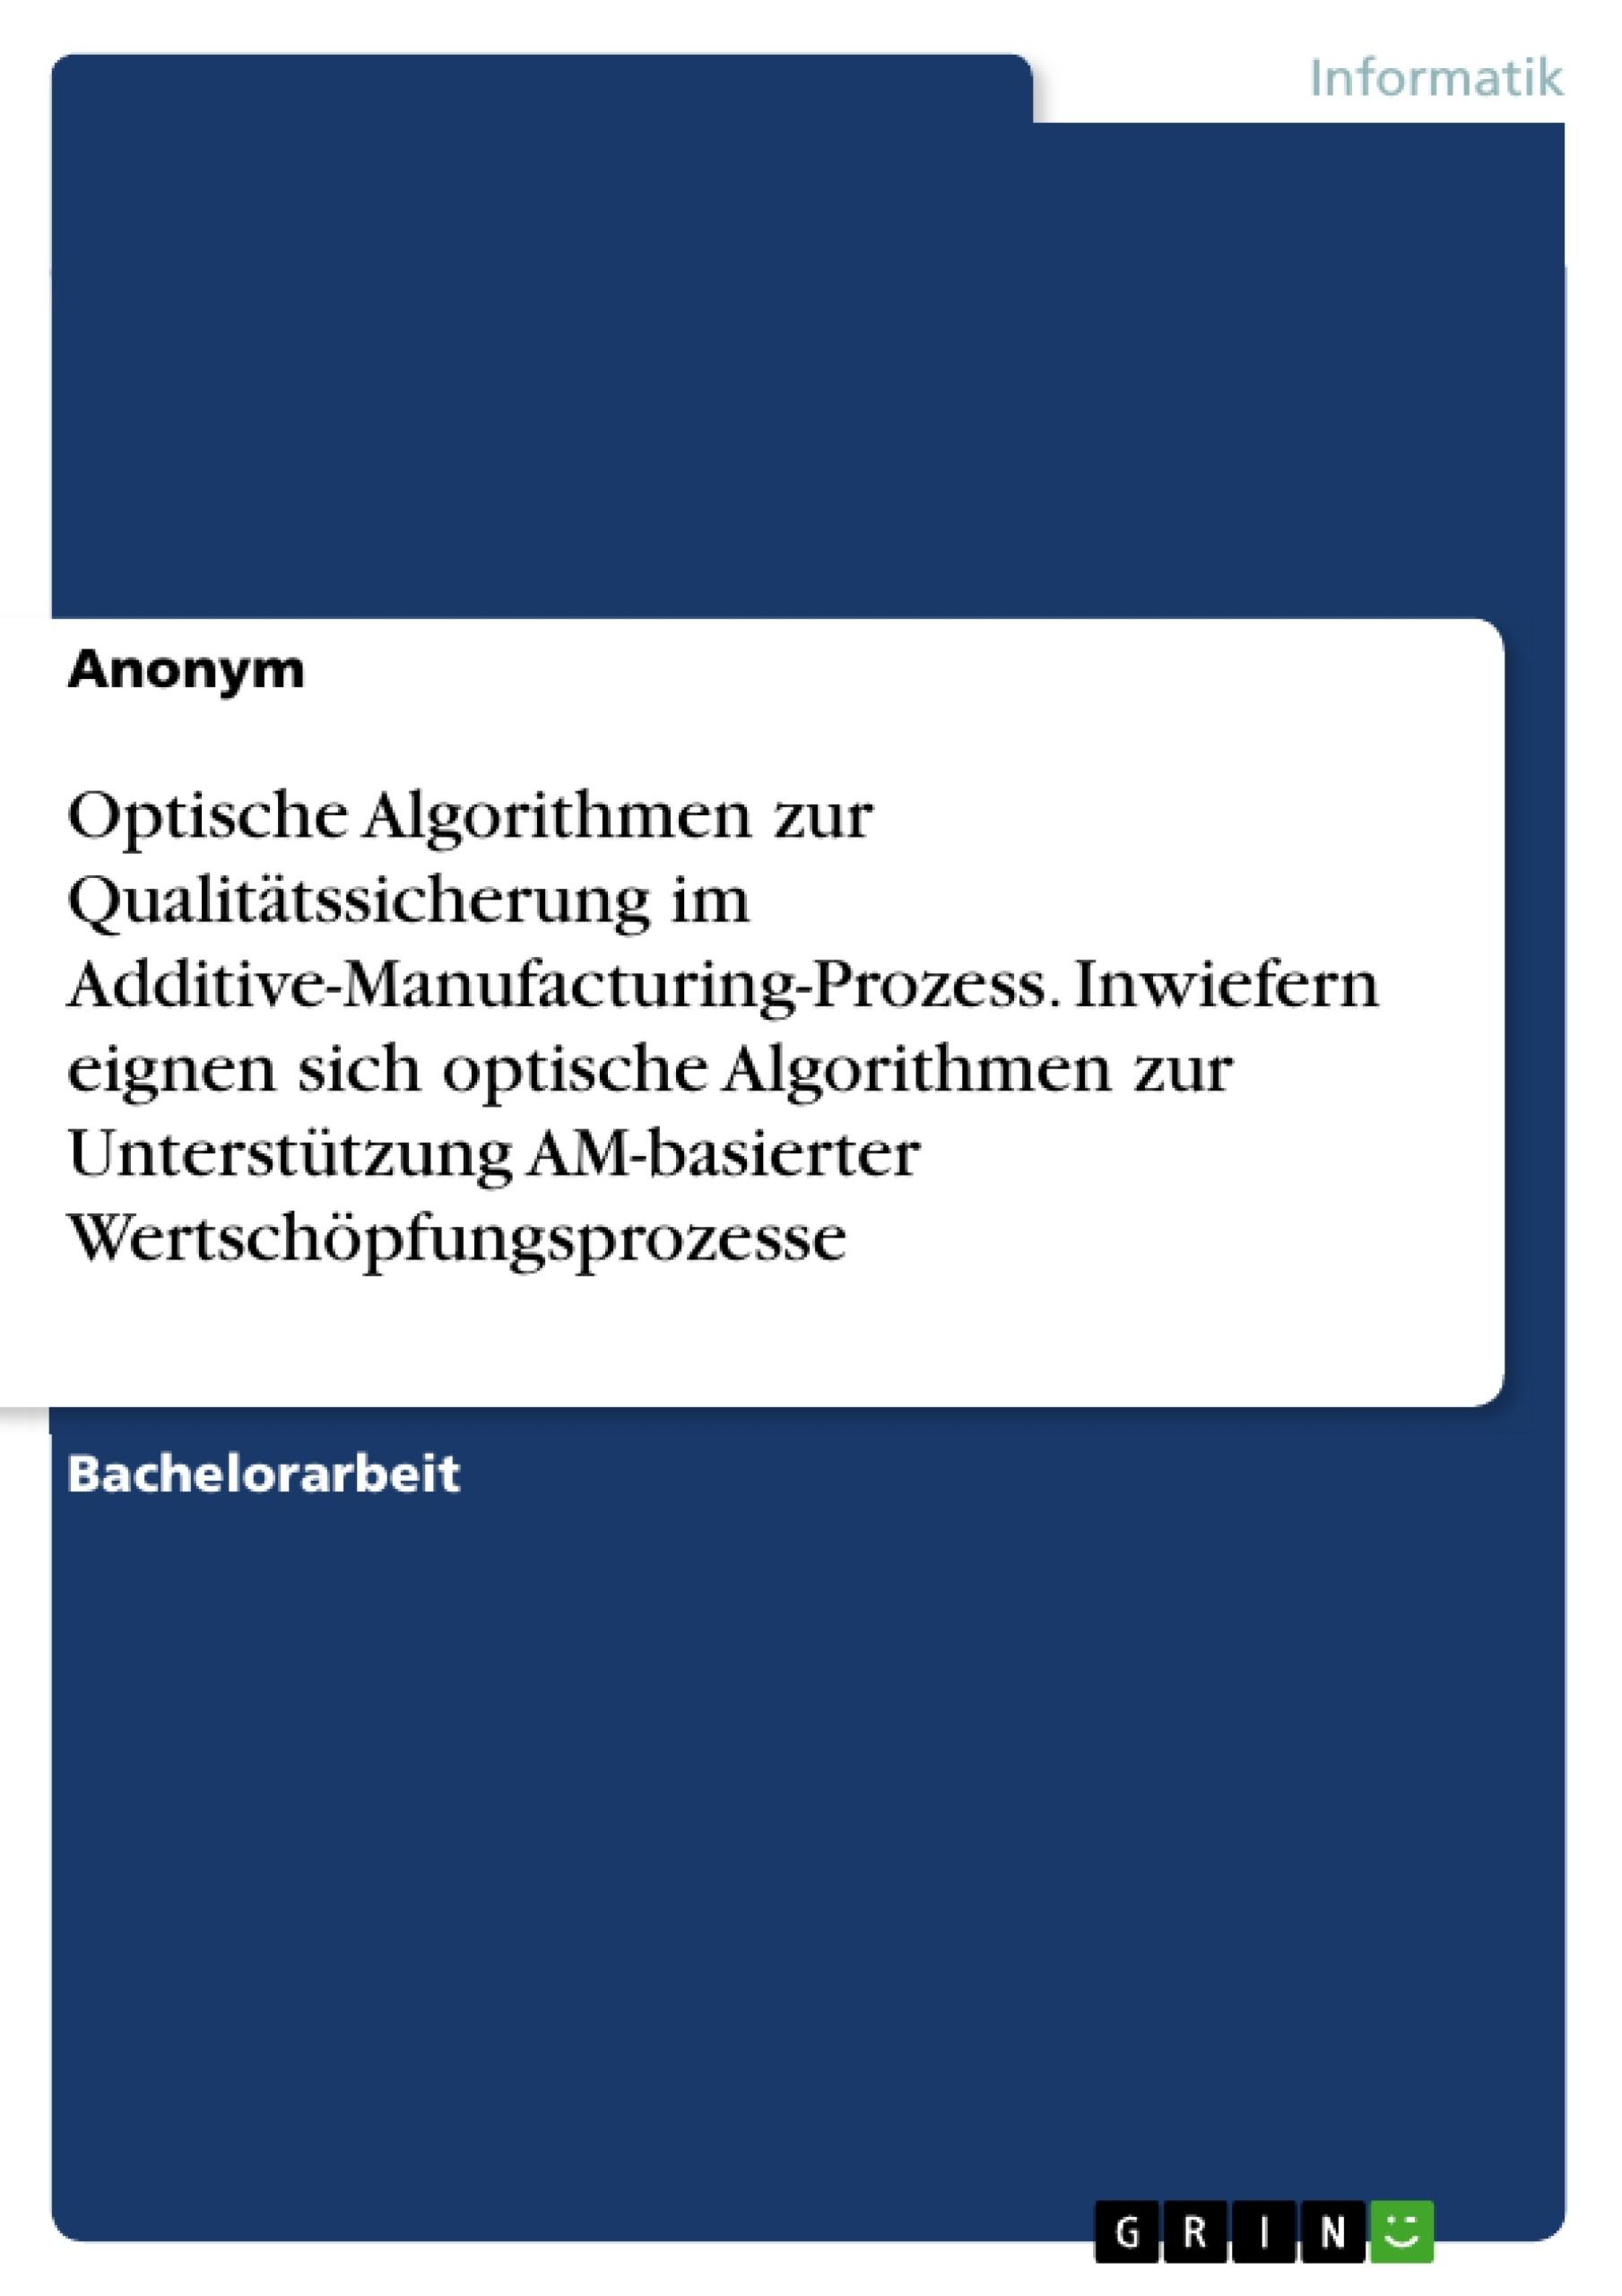 Titel: Optische Algorithmen zur Qualitätssicherung im Additive-Manufacturing-Prozess. Inwiefern eignen sich optische Algorithmen zur Unterstützung AM-basierter Wertschöpfungsprozesse